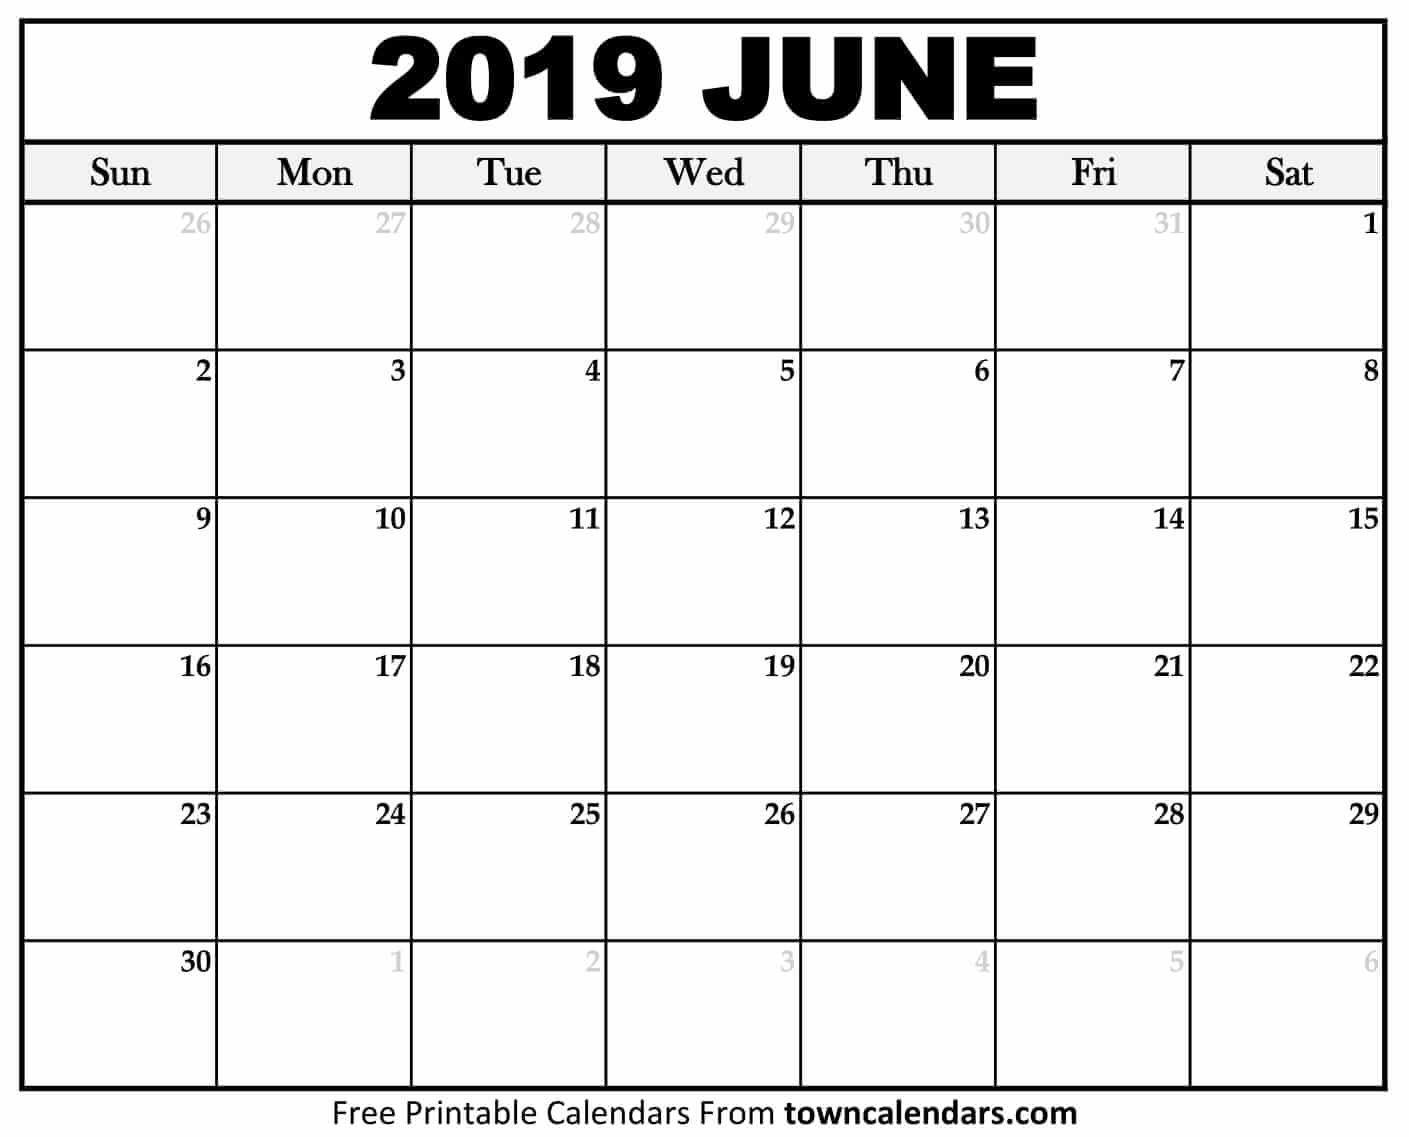 Printable June 2019 Calendar – Towncalendars Calendar Of 2019 June